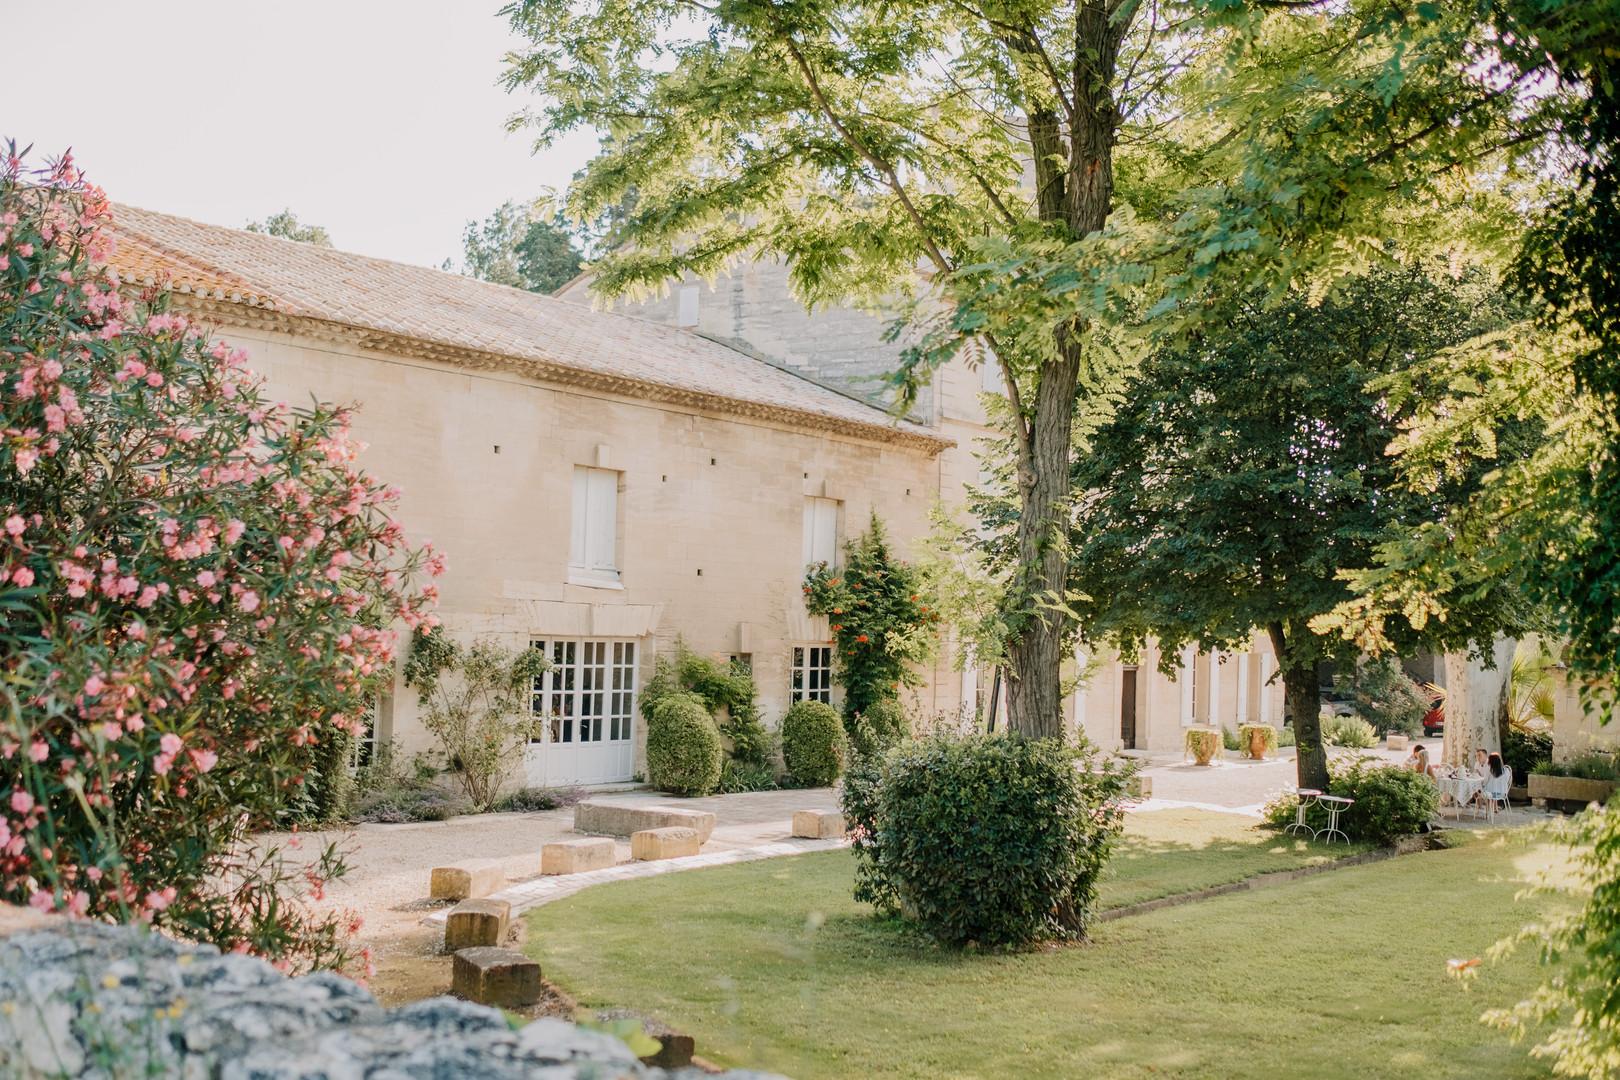 Domaine-du-petit-mylord-mariage-événement.jpg